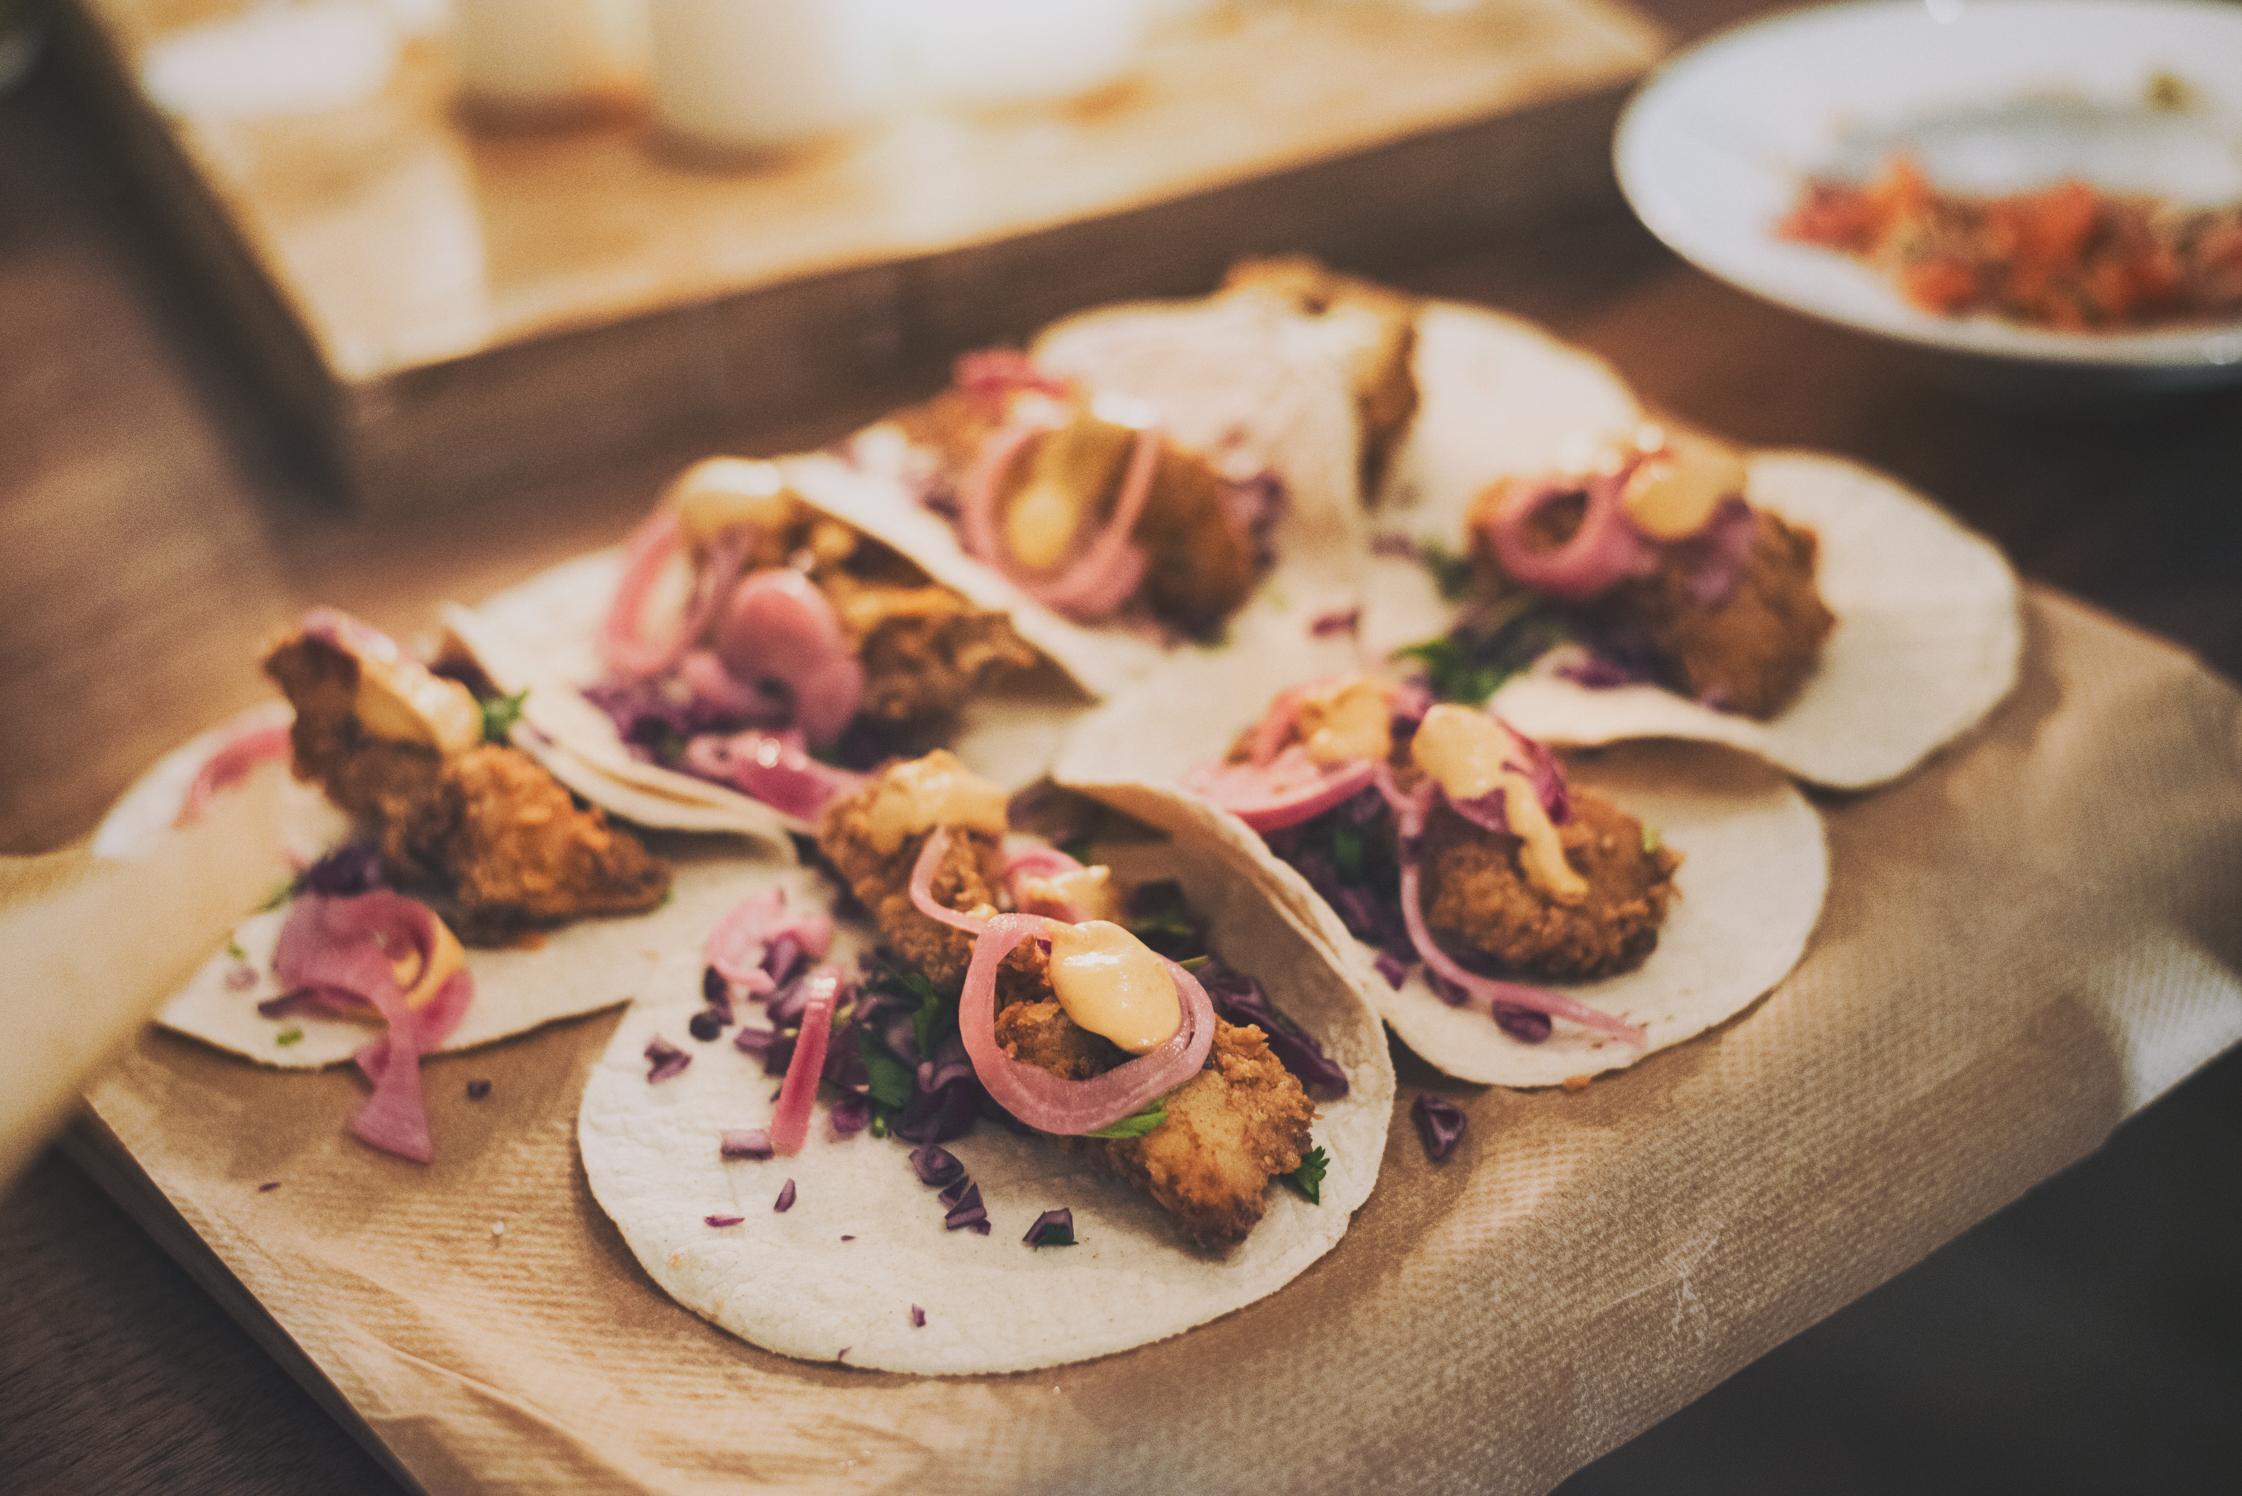 freunde-von-freunden-apartment-event-orale-taco-mezcal21